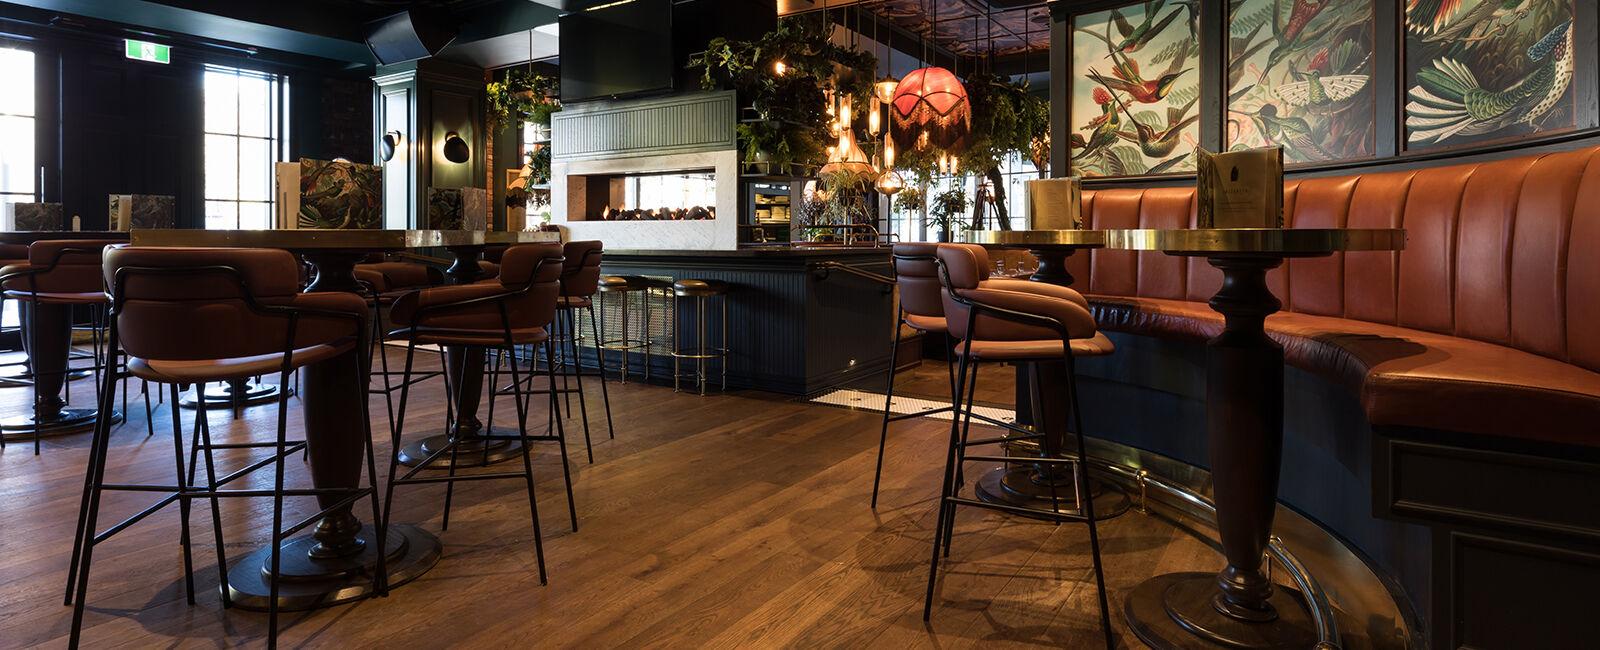 Amazoniota Hero Restaurant Bar